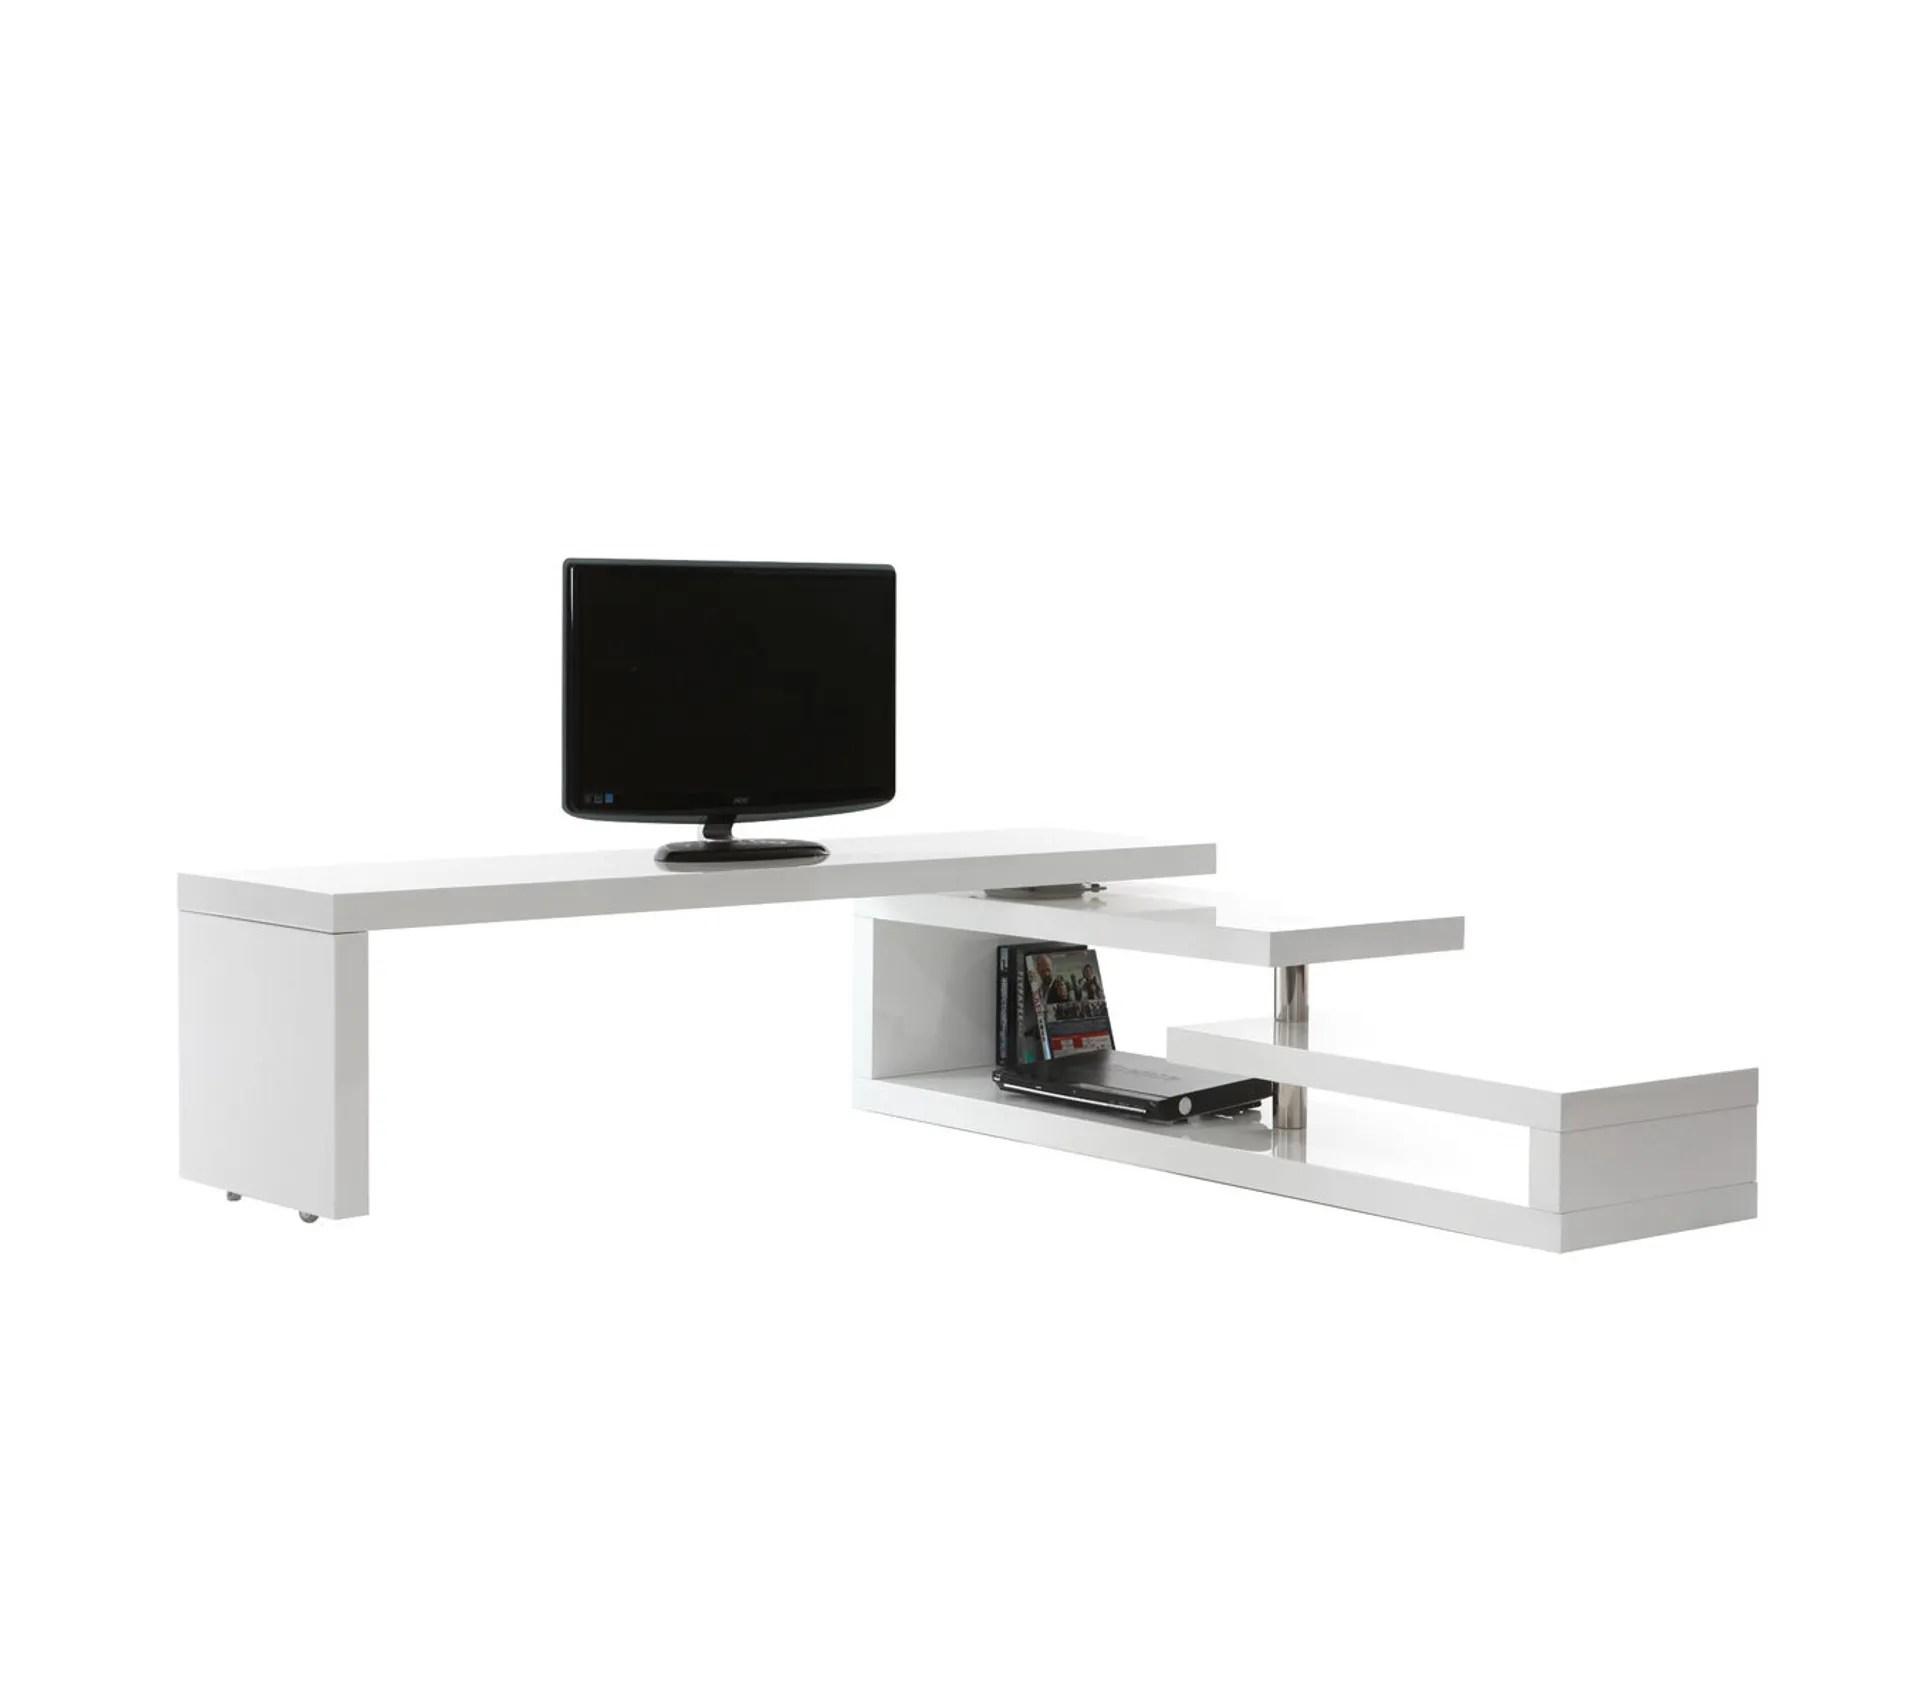 meuble tv design laque brillant blanc pivotant max v2